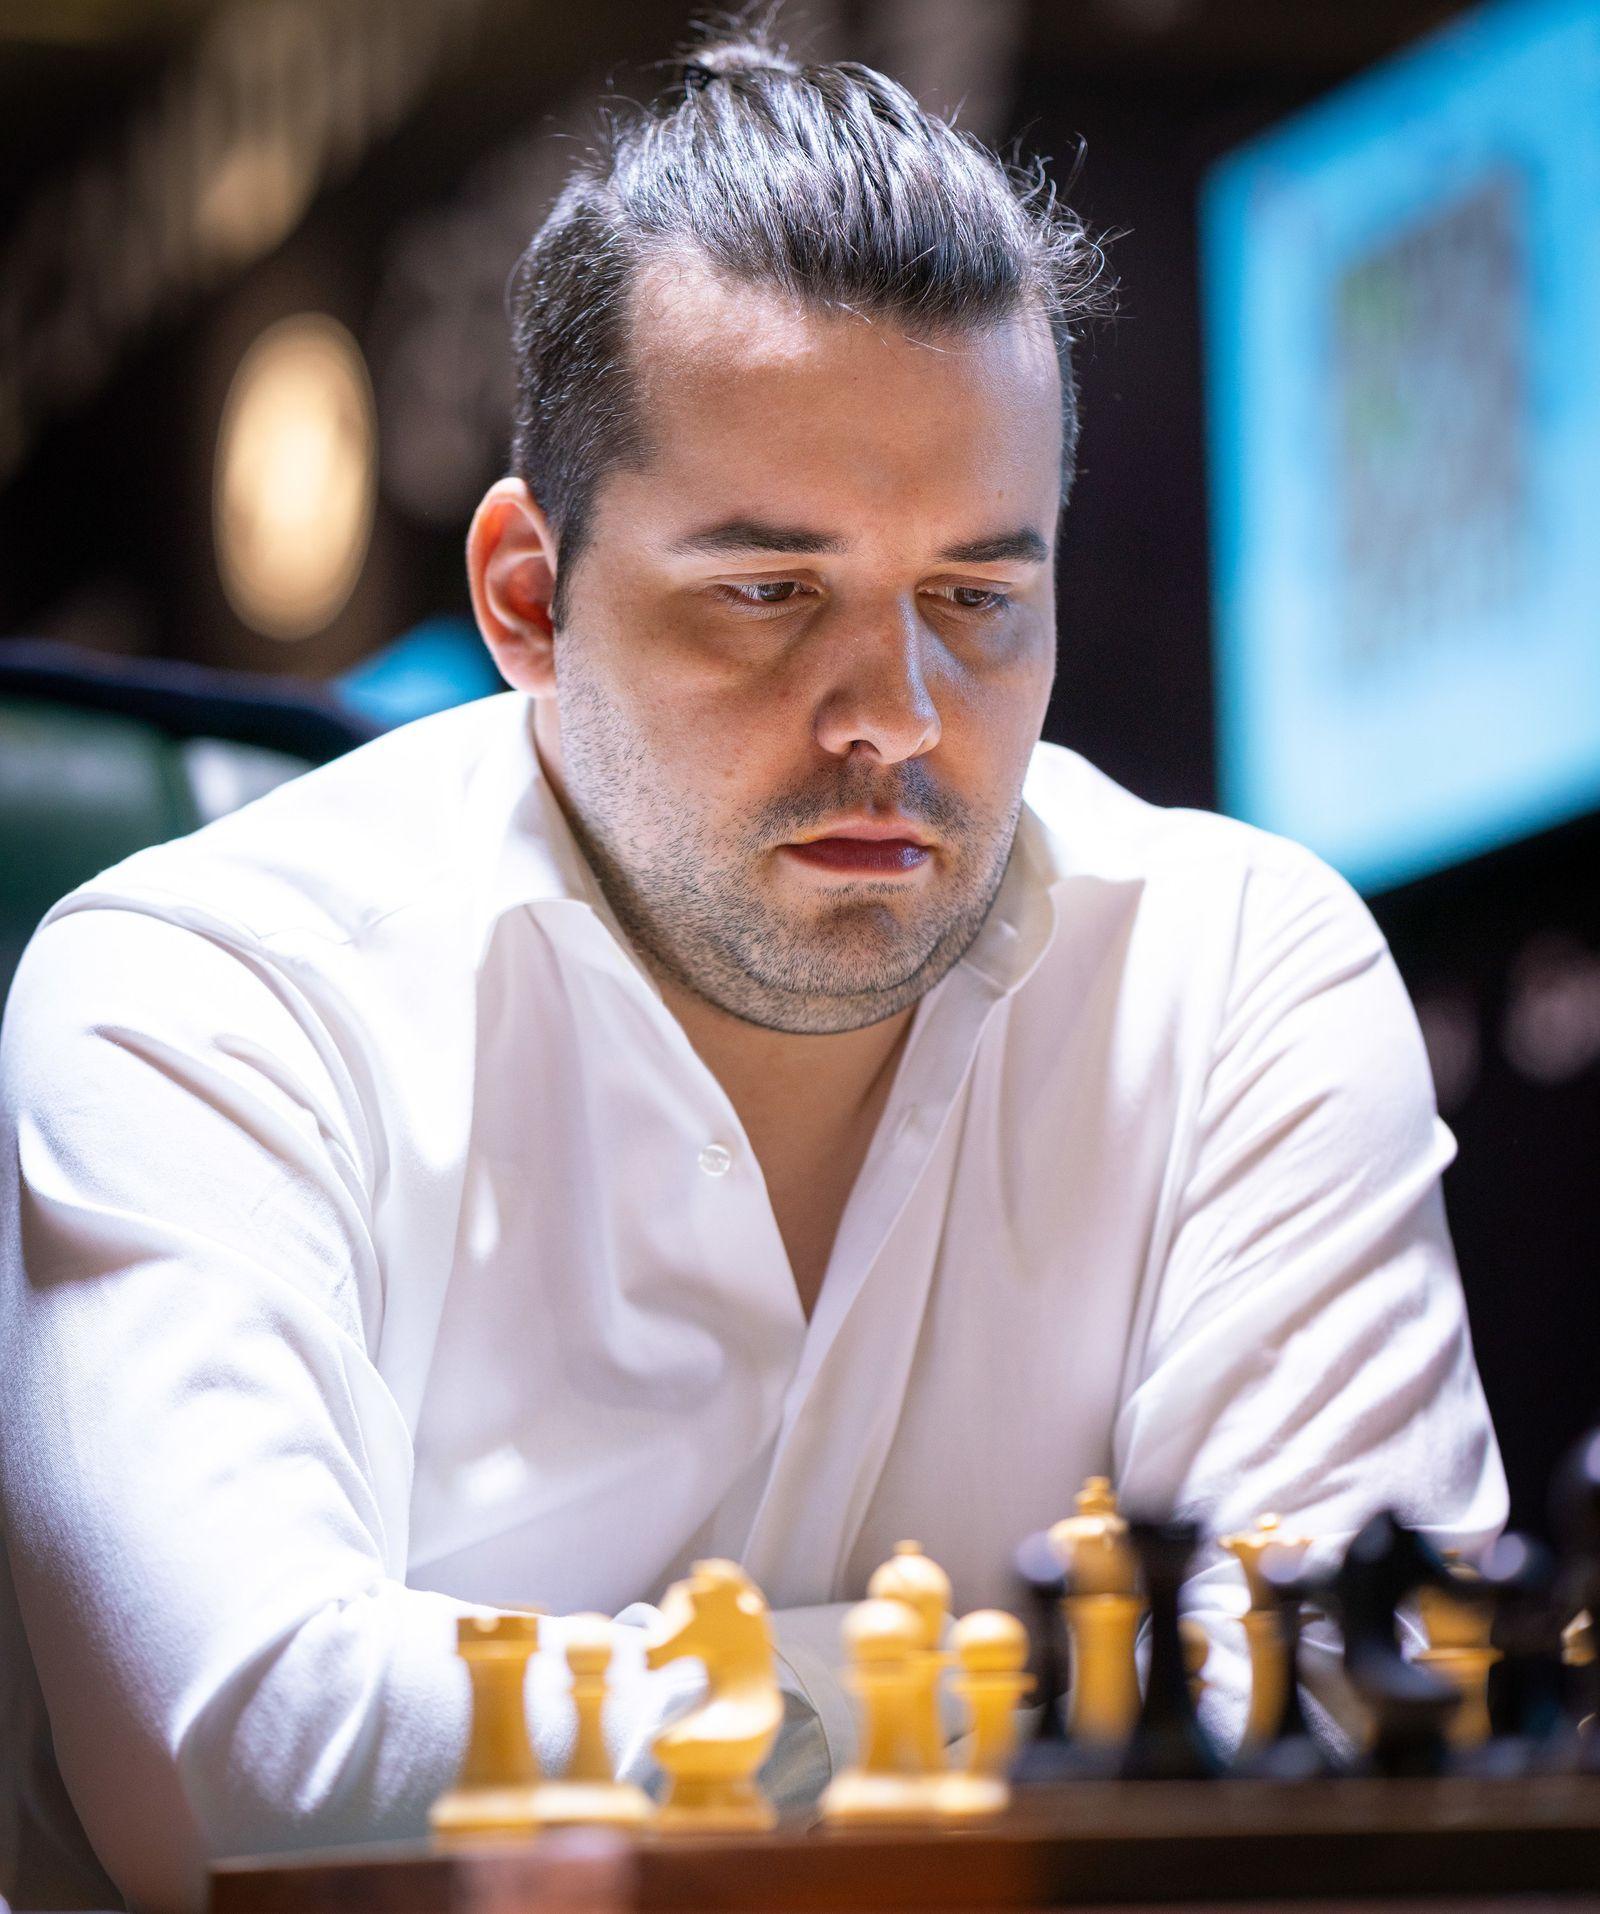 Kandidatenturnier zur Schach-WM